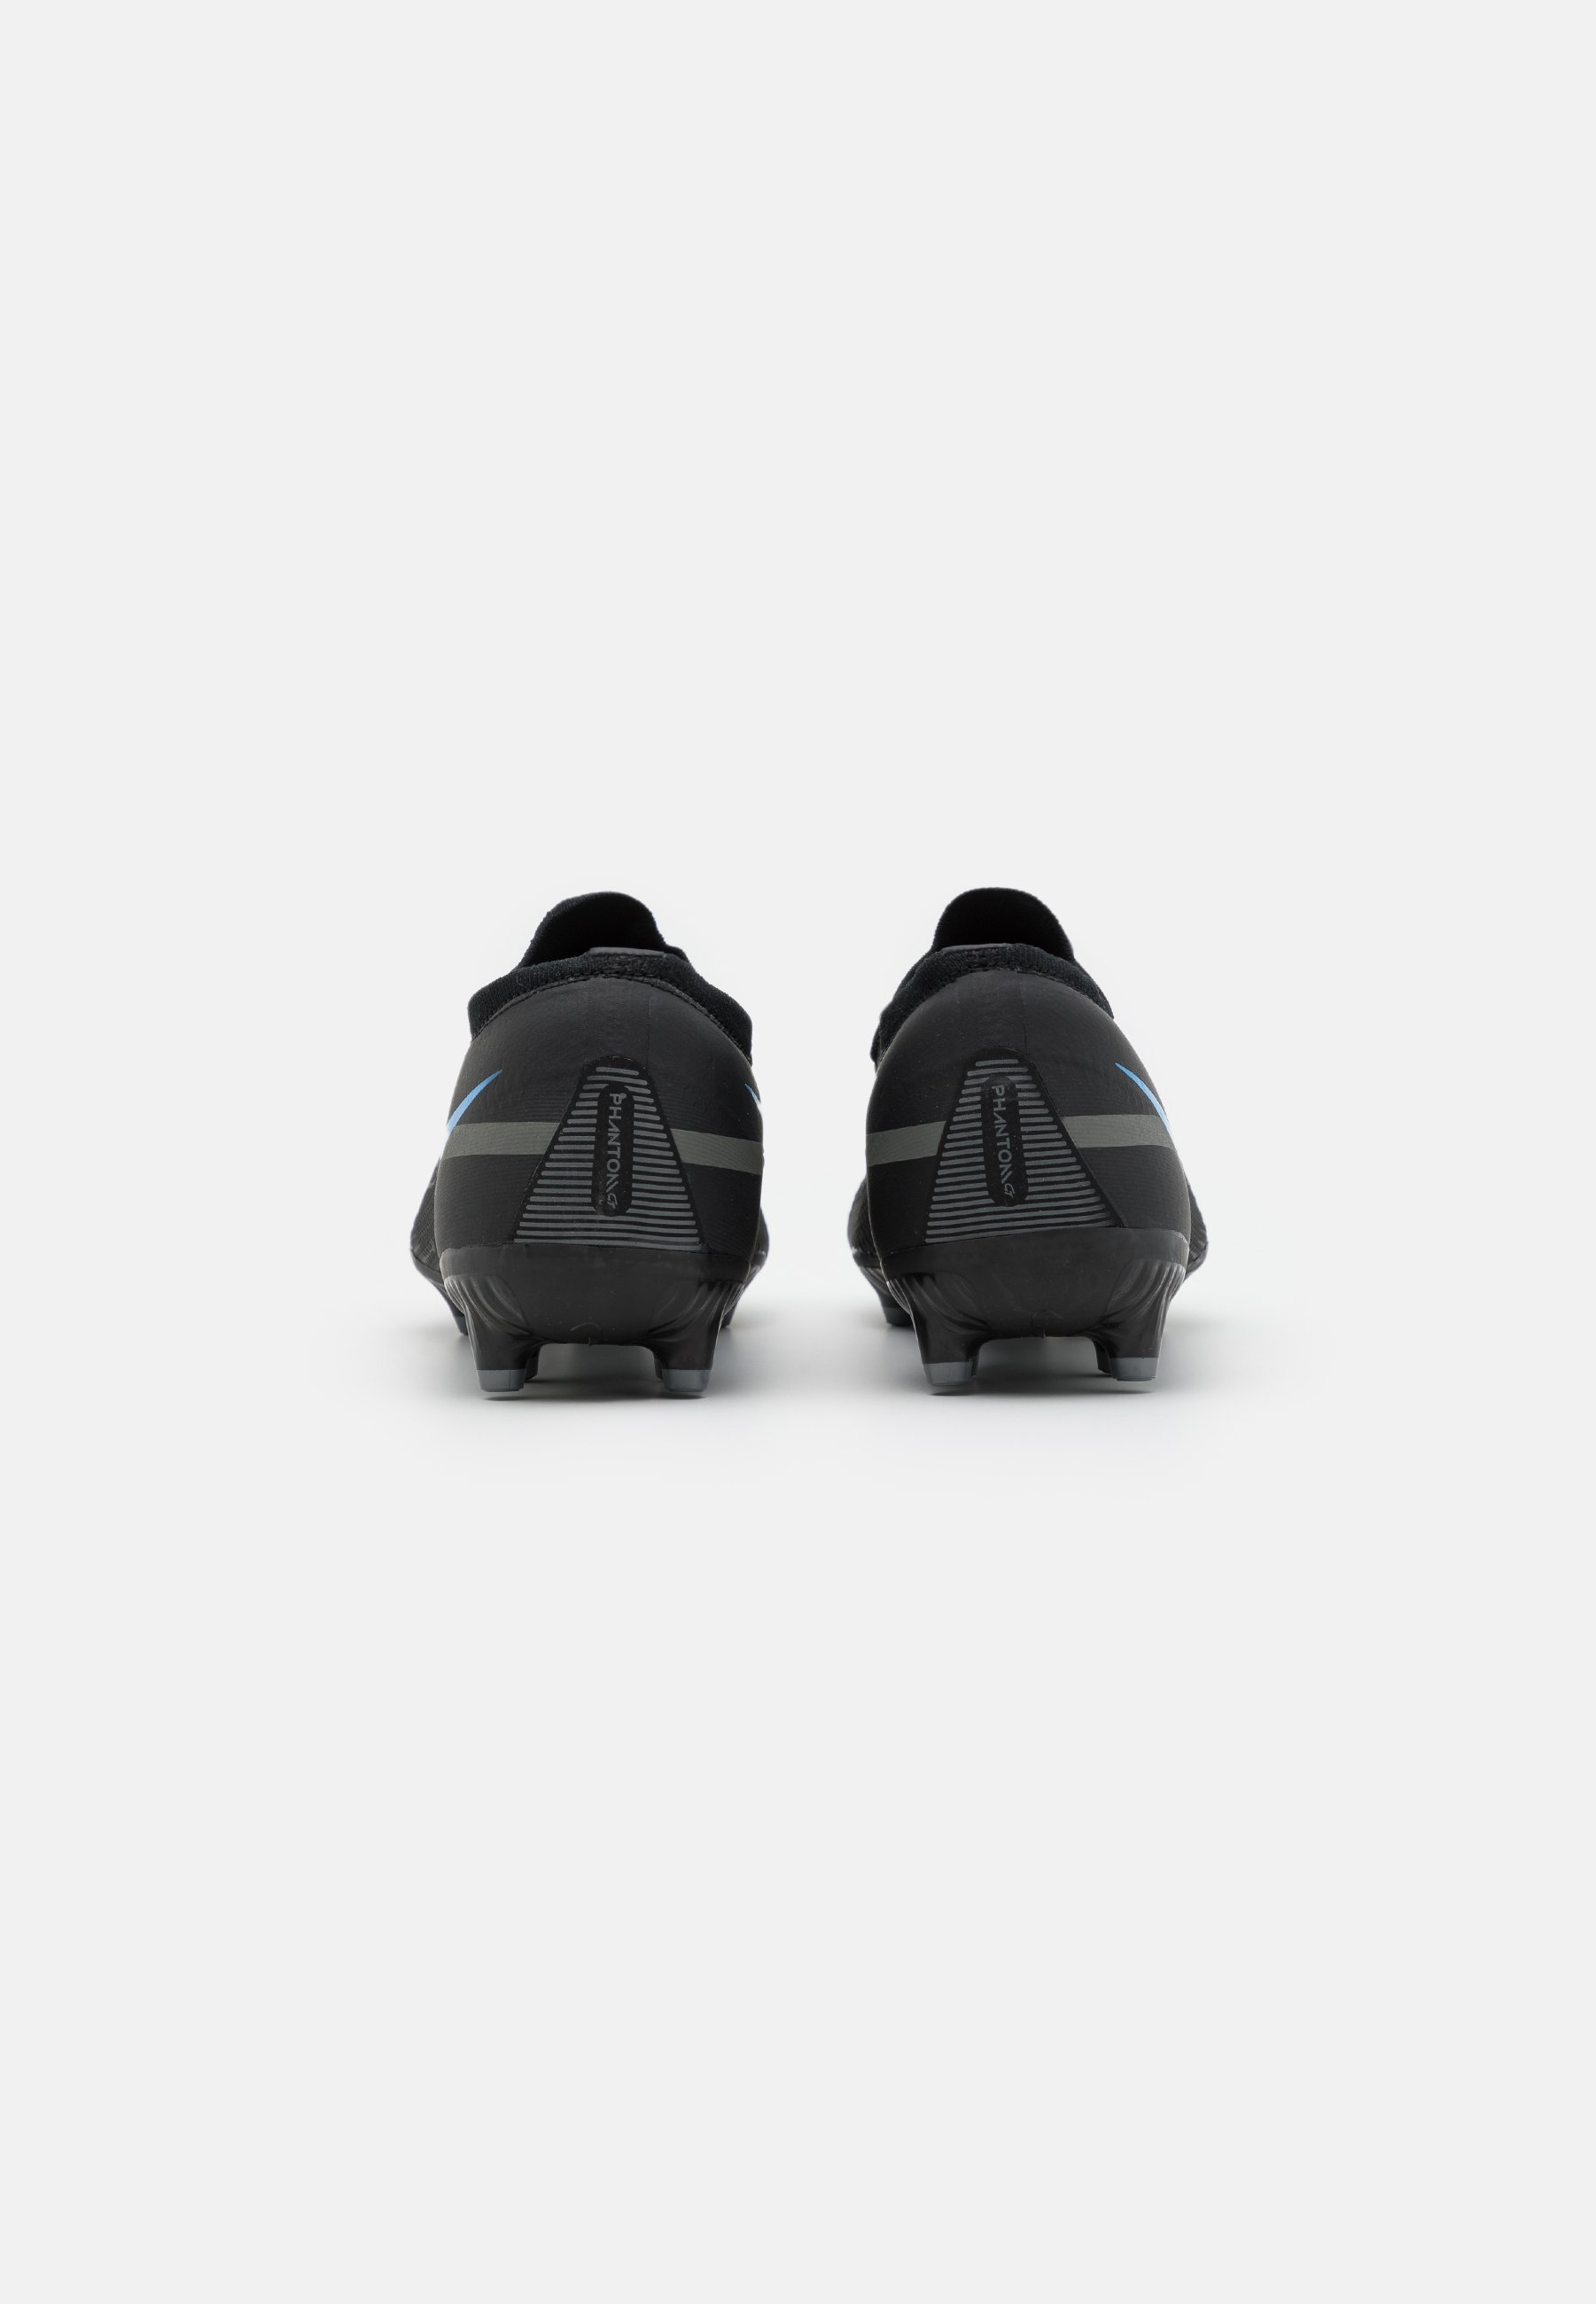 Herrer PHANTOM GT2 PRO AG-PRO - Fodboldstøvler m/ faste knobber